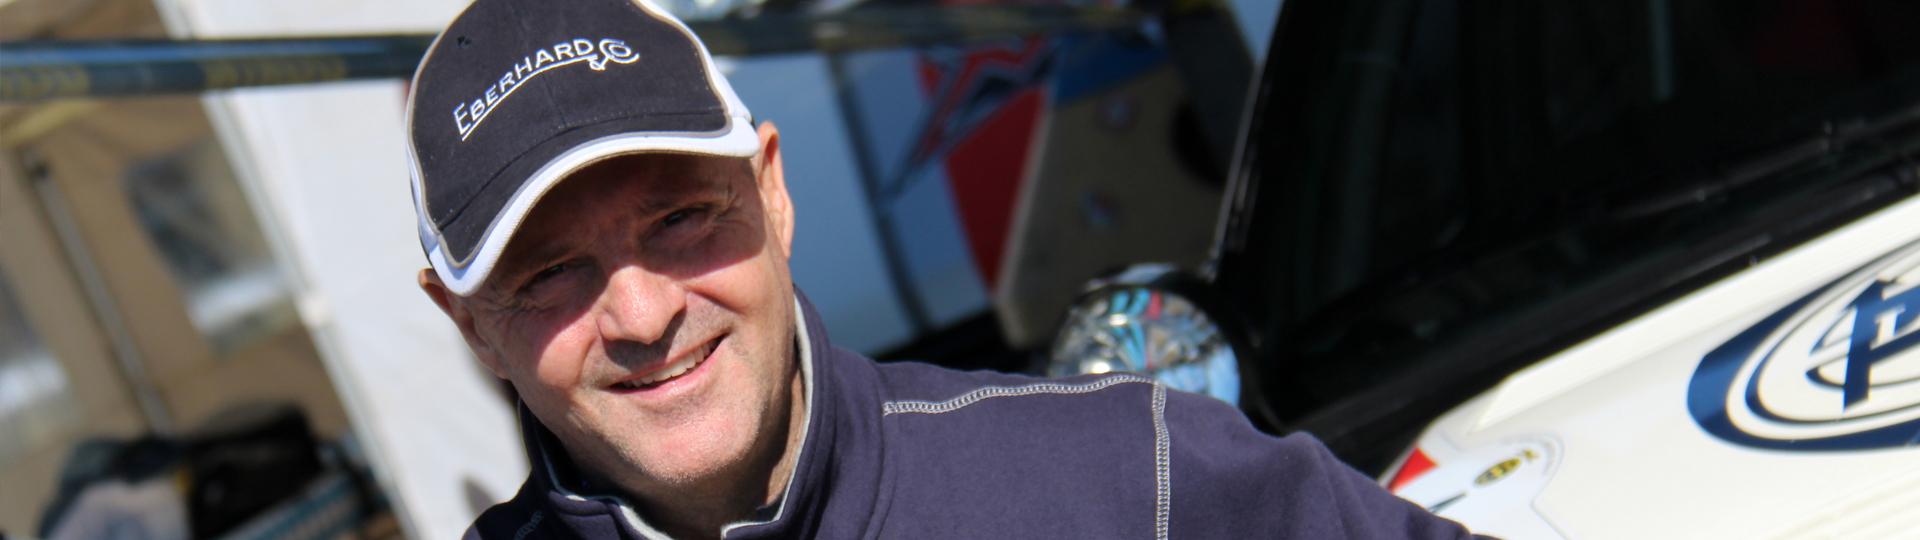 MIKI BIASION, CAMPIONE RALLY, È IL NUOVO AMBASSADOR <br>EBERHARD & CO.